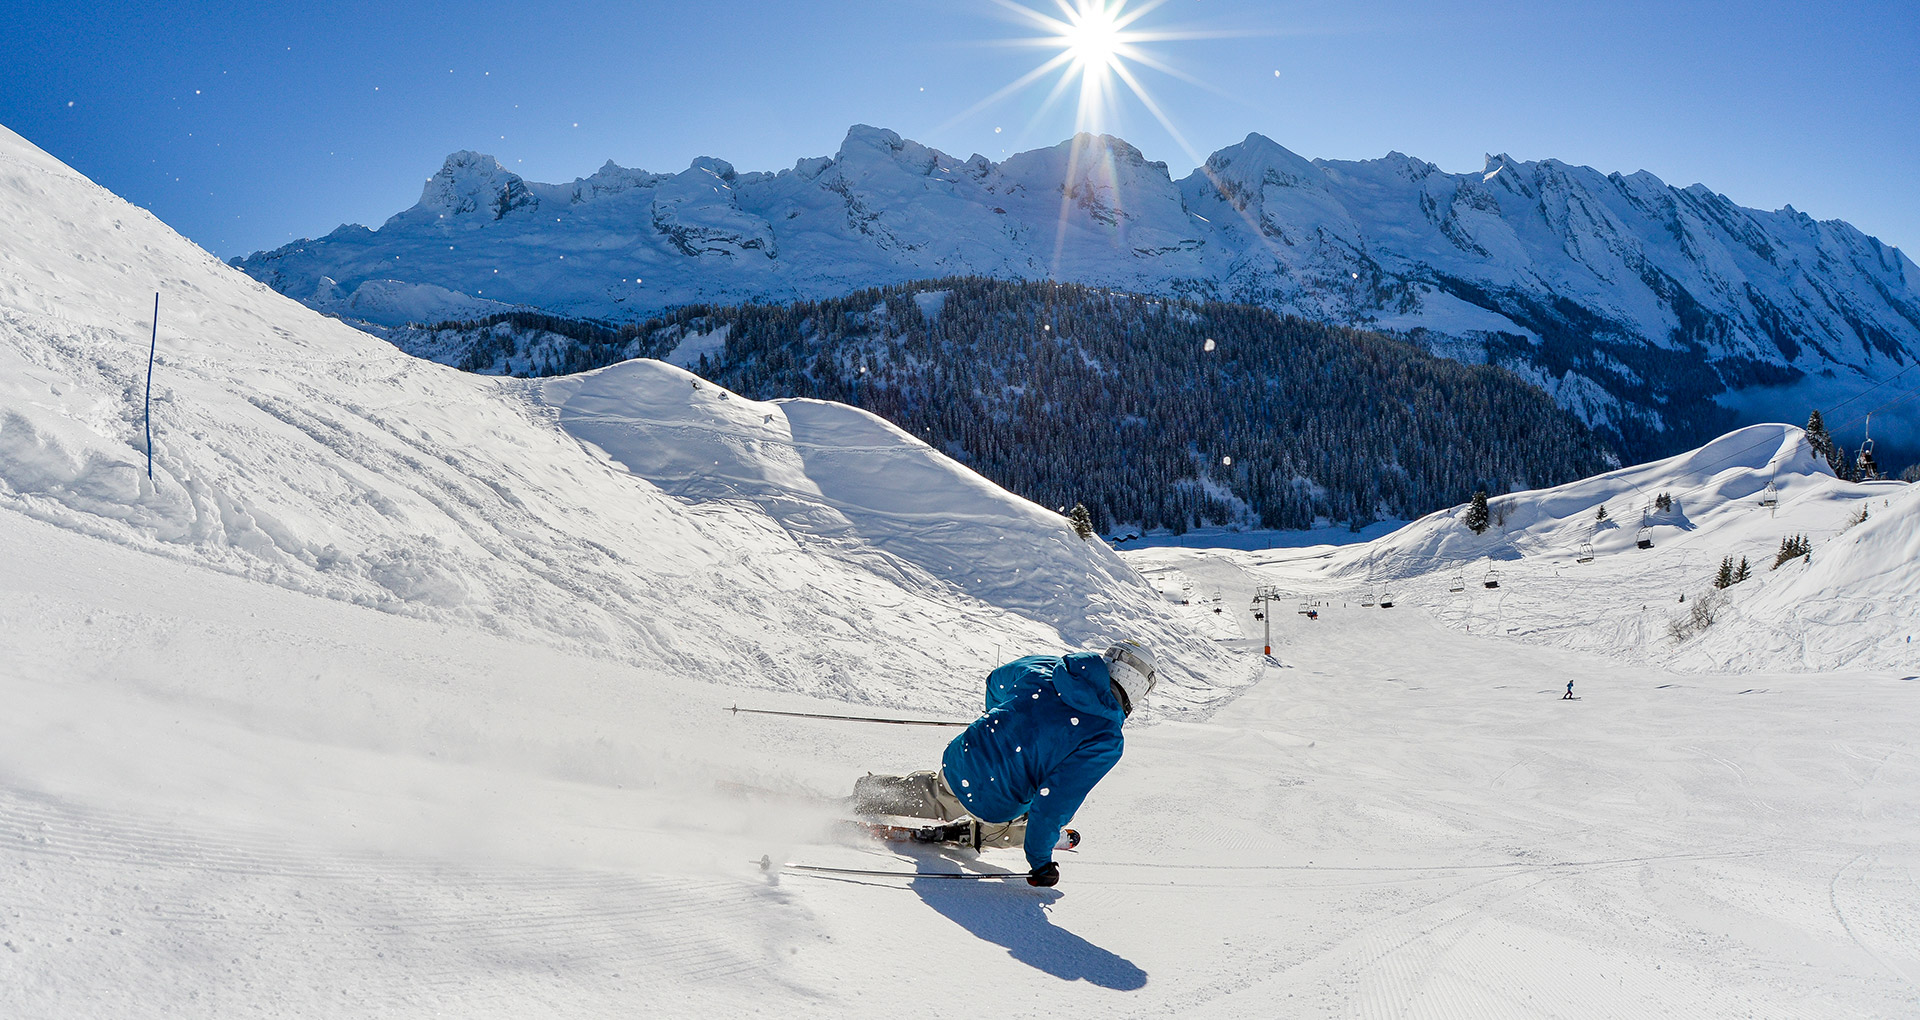 ski-duche-151881